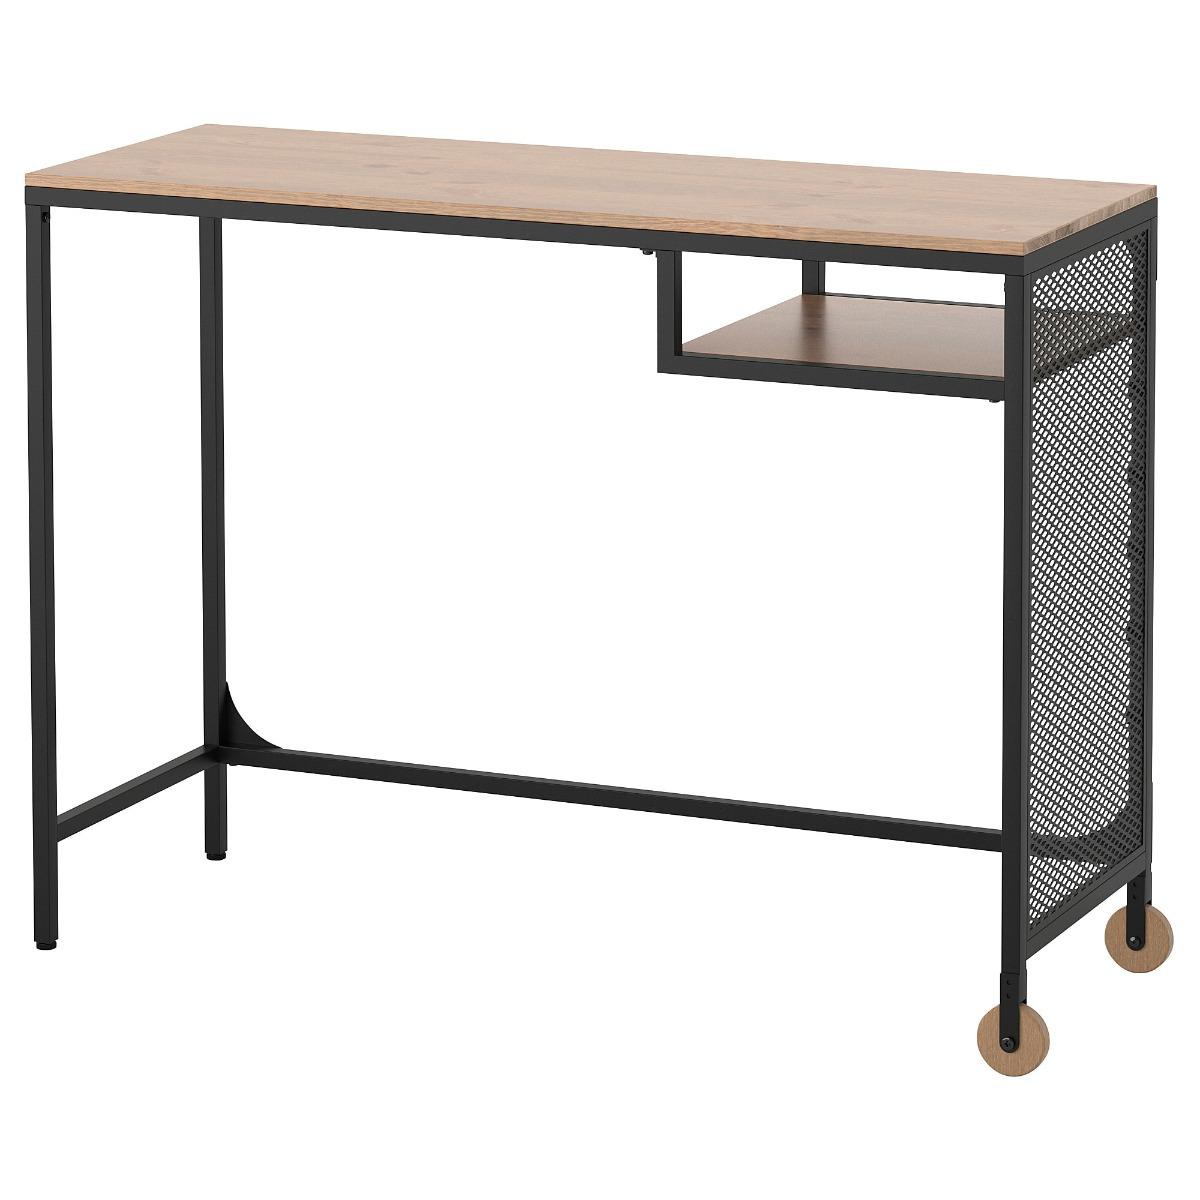 Ikea Fjällbo Escritorio - $ 2,250.00 en Mercado Libre